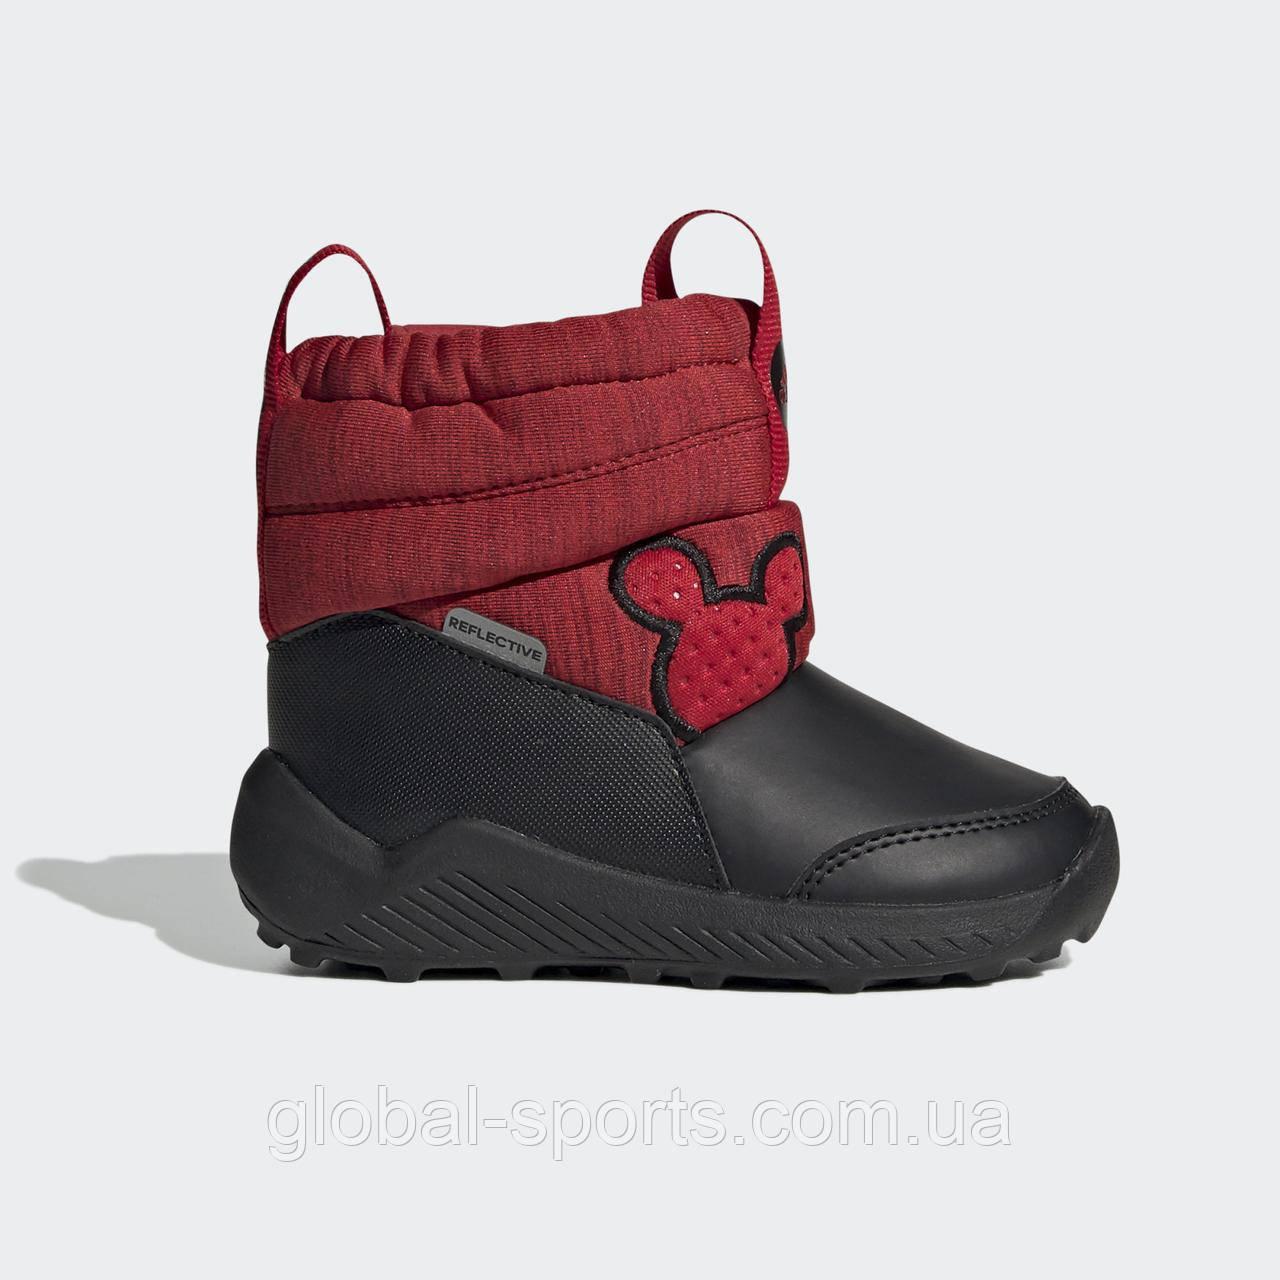 Детские сапоги Adidas RapidaSnow Minnie I (Артикул:G27540)